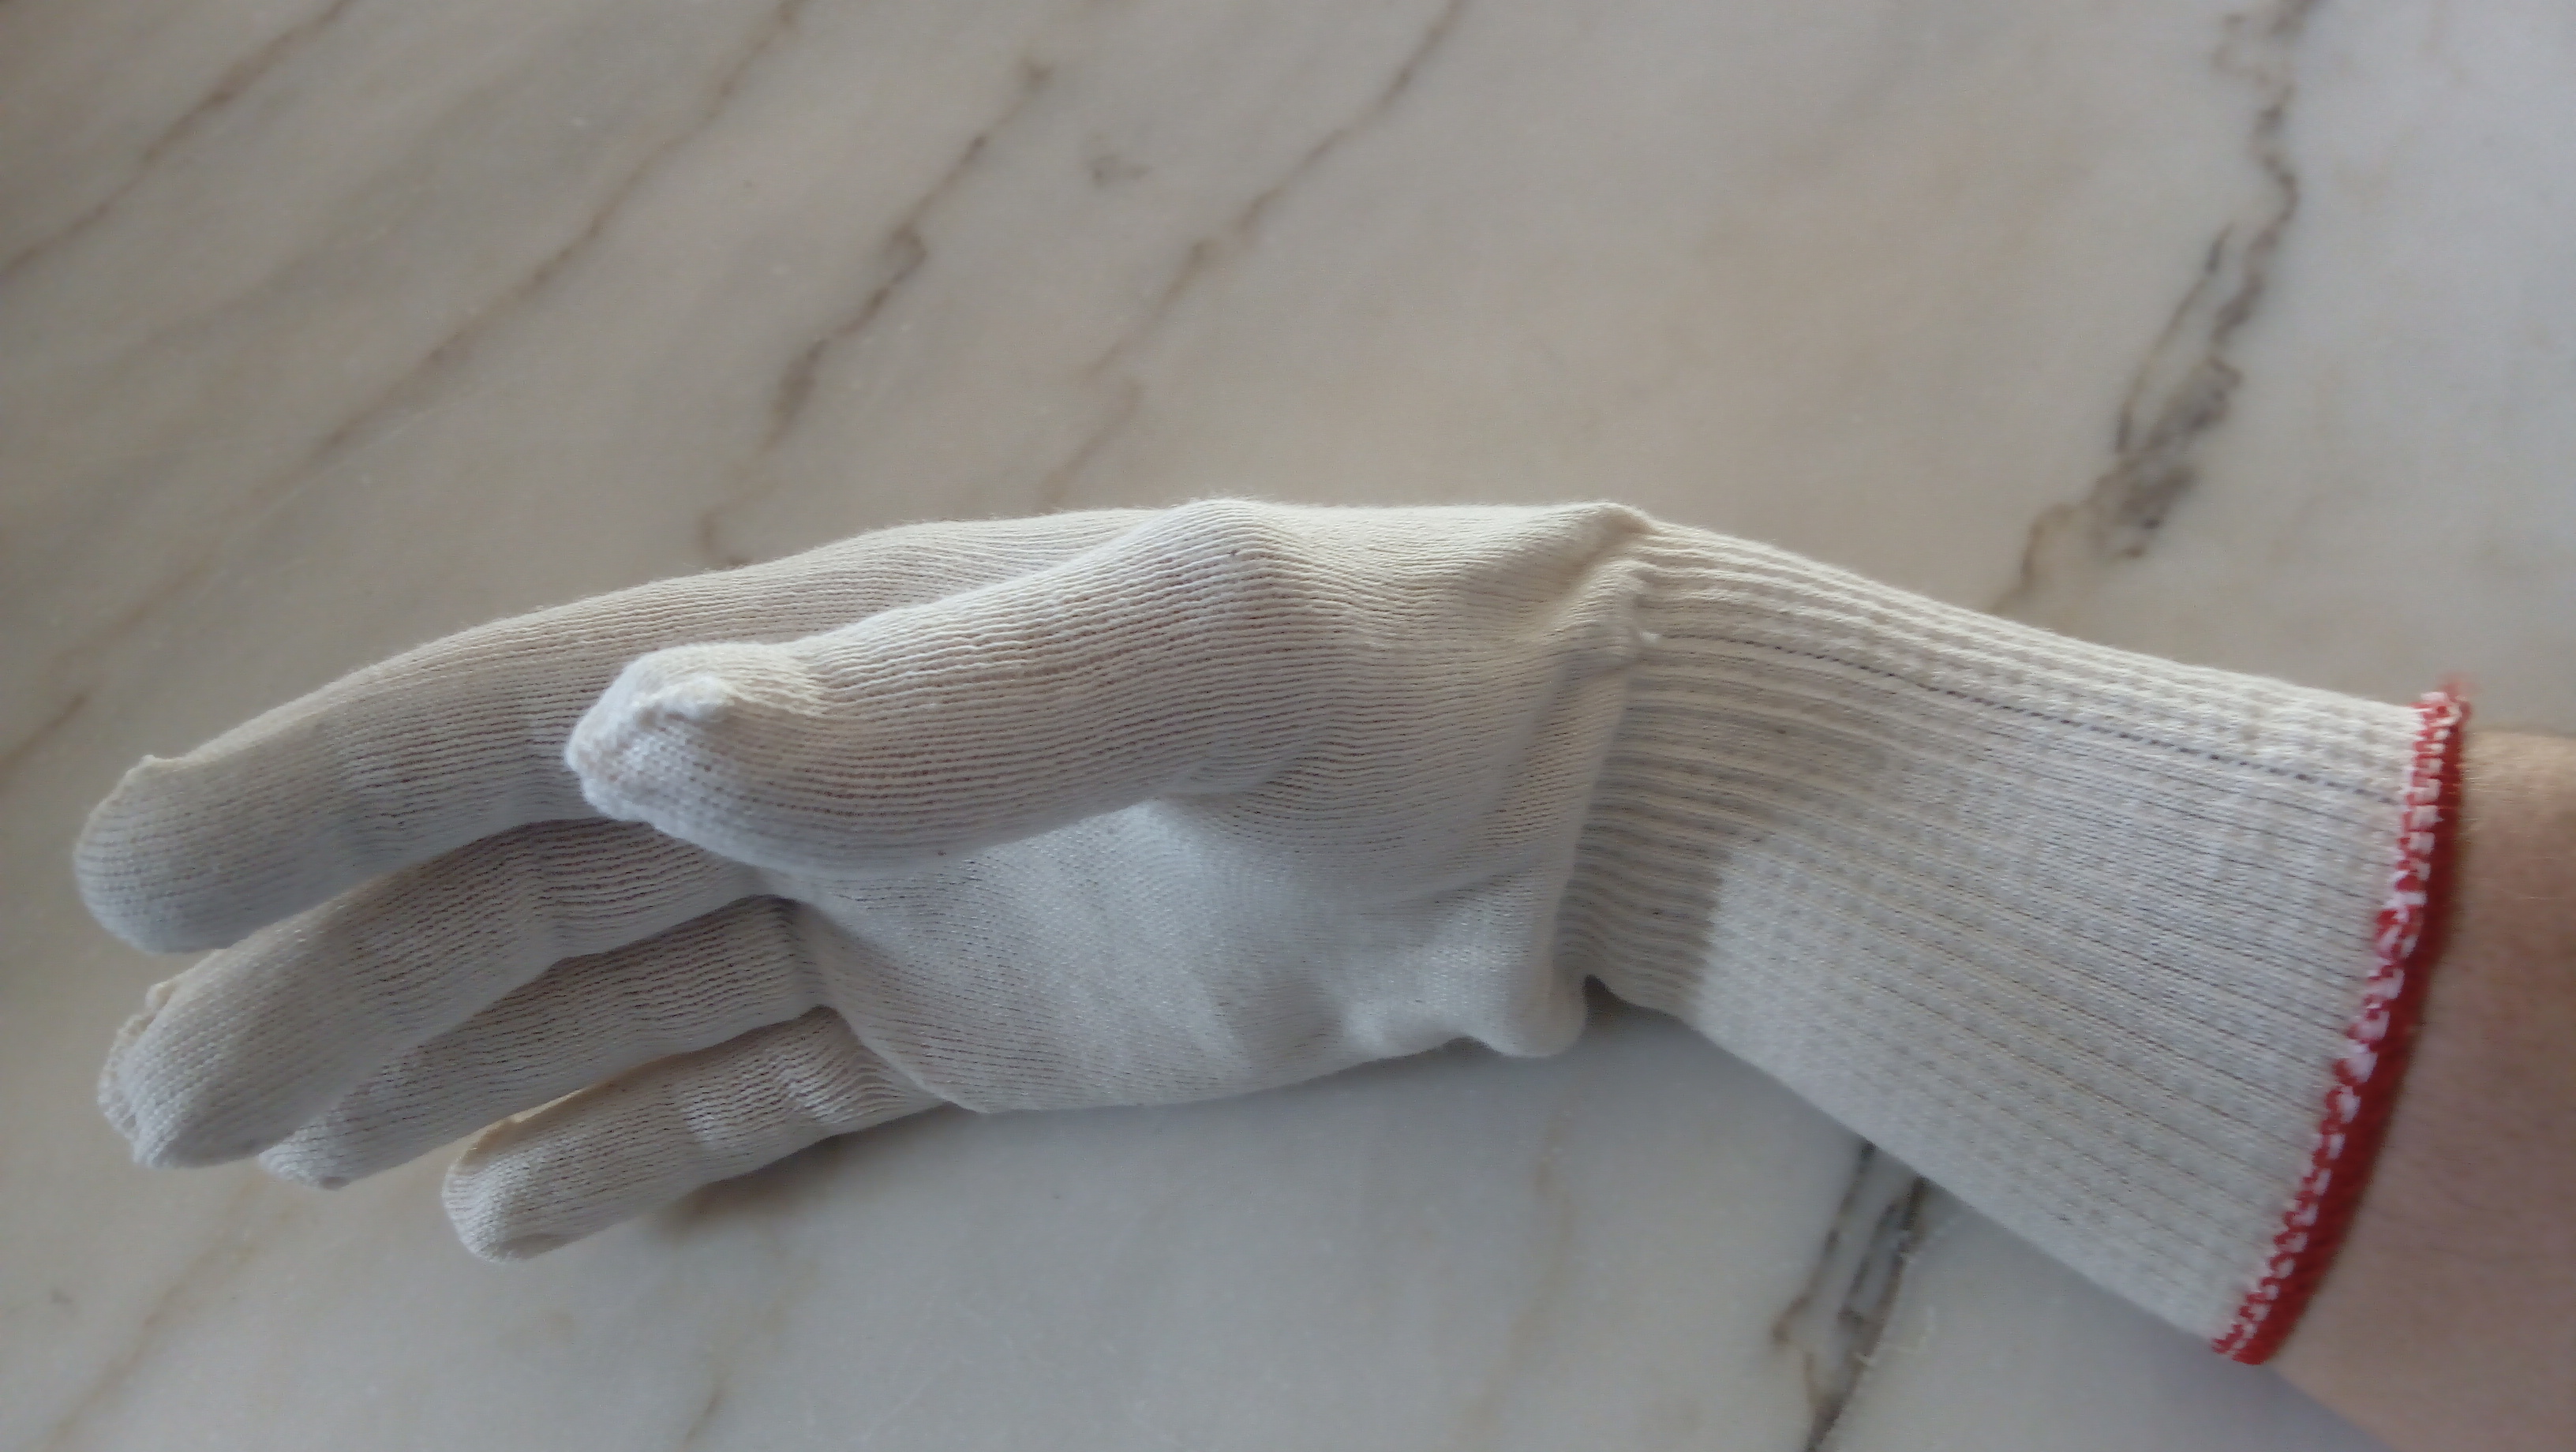 Katoenen handschoen lang rode band